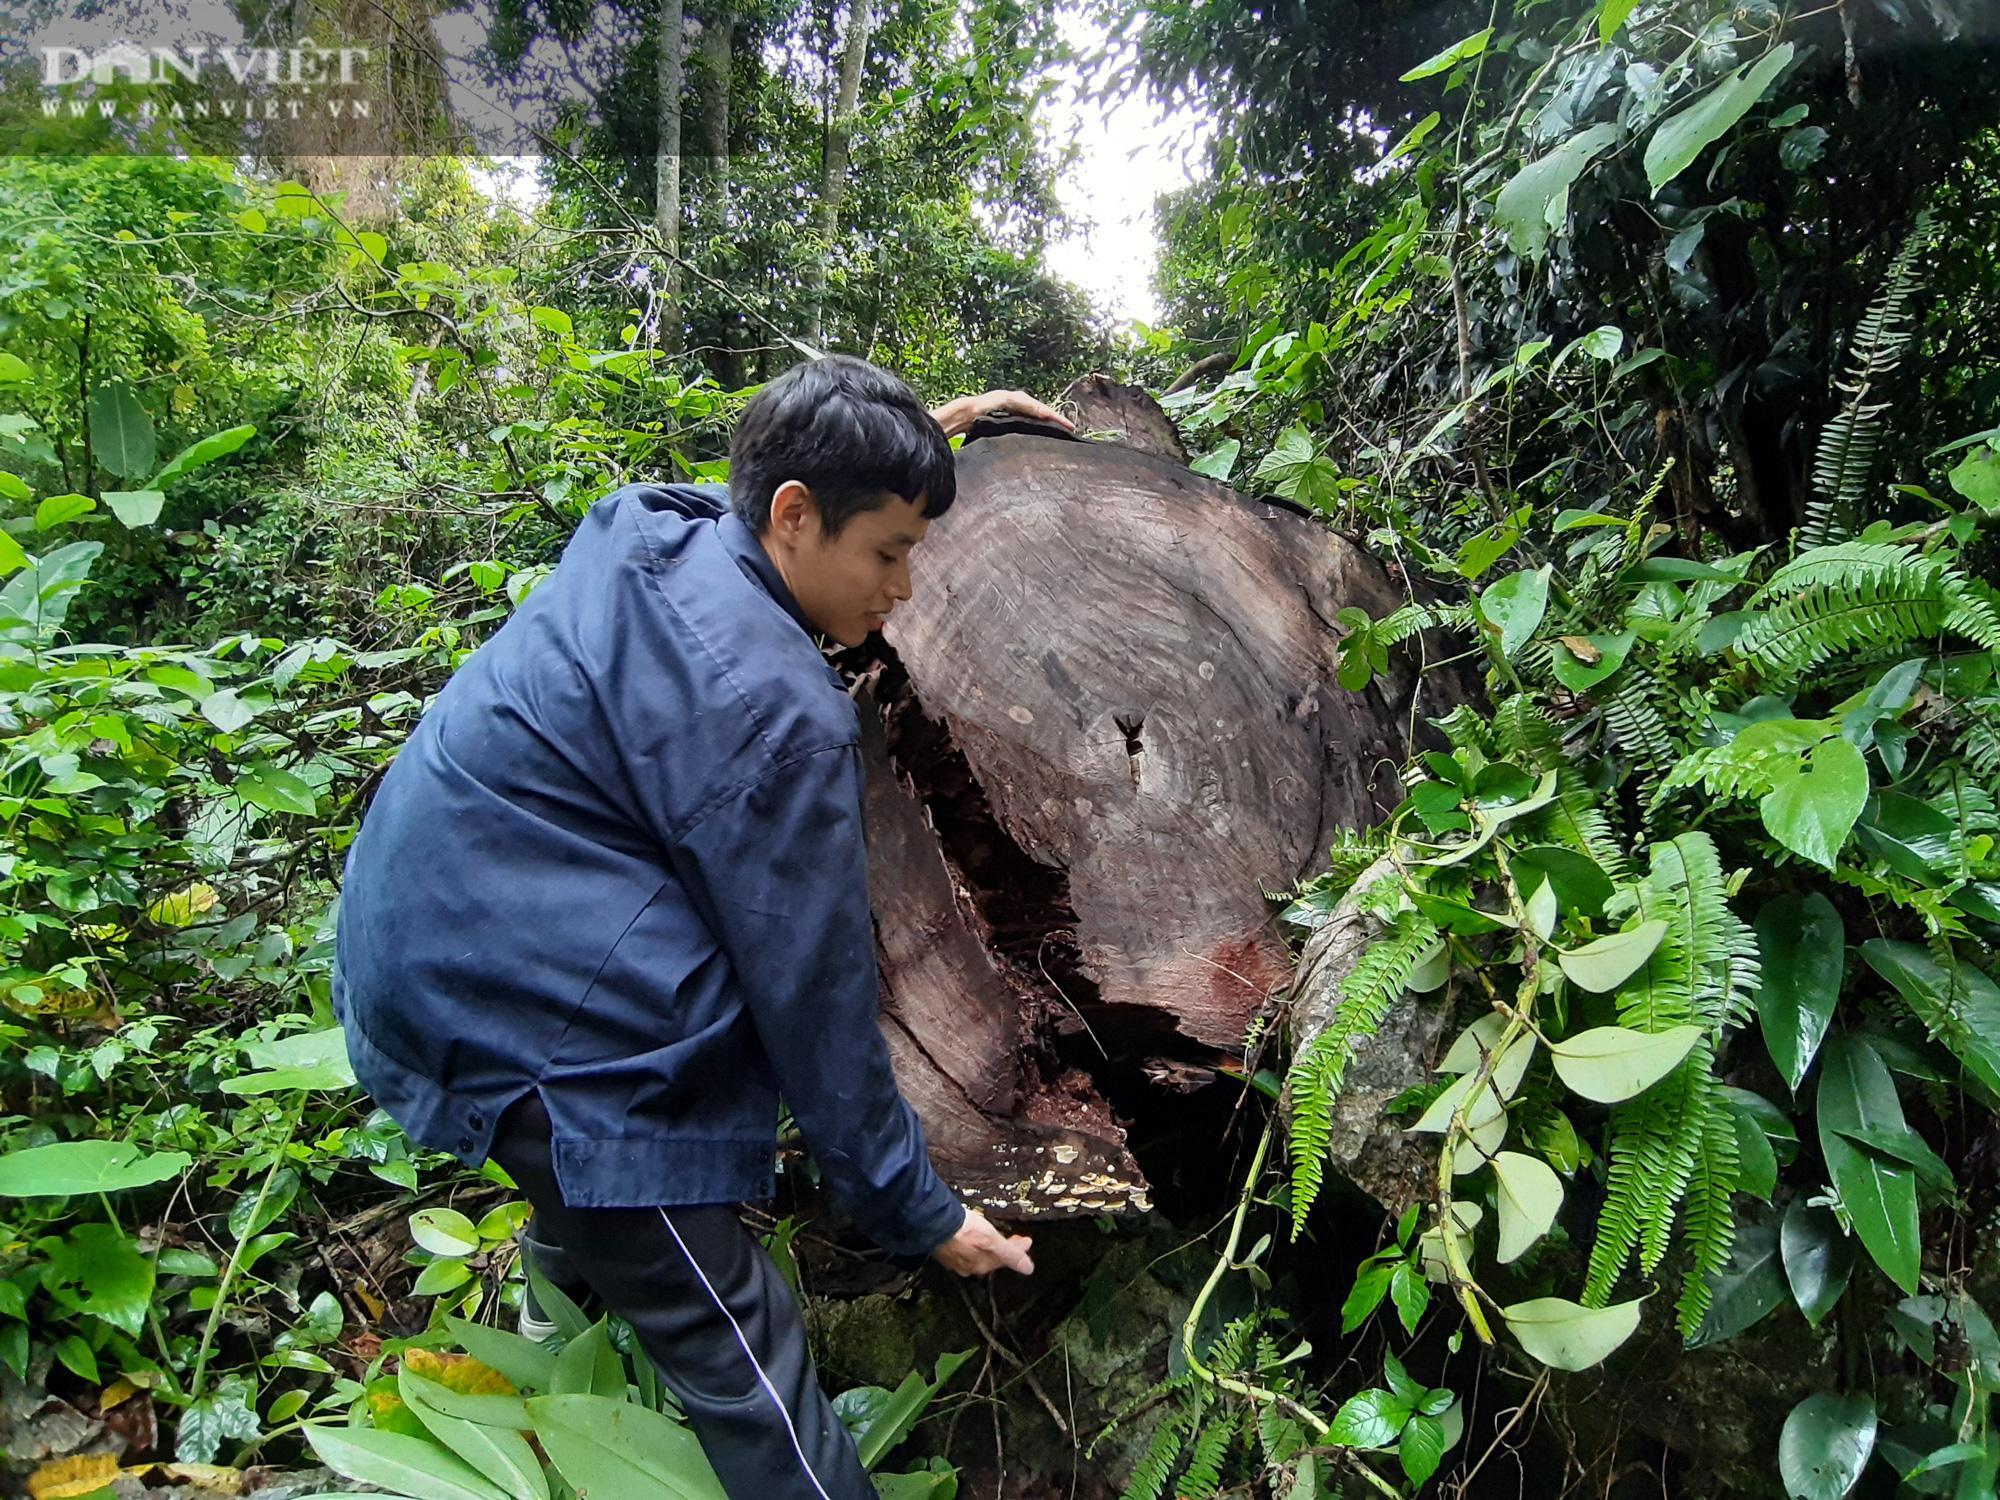 Lời man trá trong các rừng nghiến khổng lồ: Tận mục những cánh rừng tàn sát! - Ảnh 4.